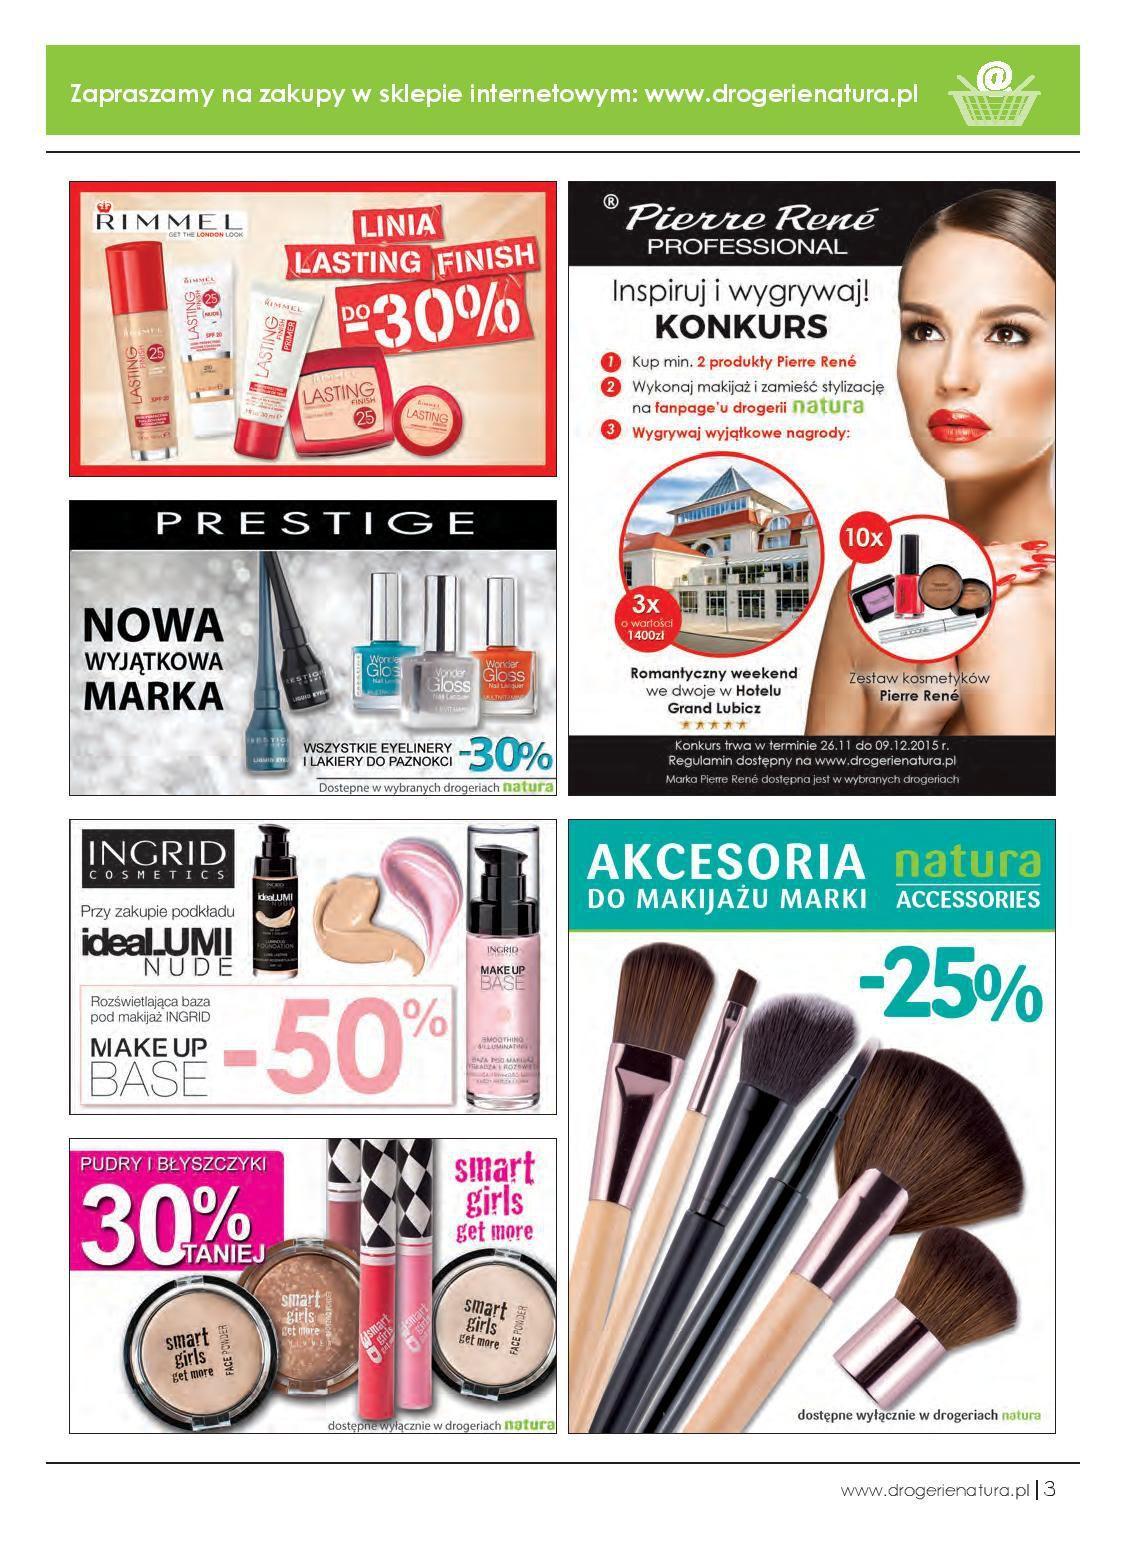 Gazetka promocyjna Drogerie Natura do 09/12/2015 str.2